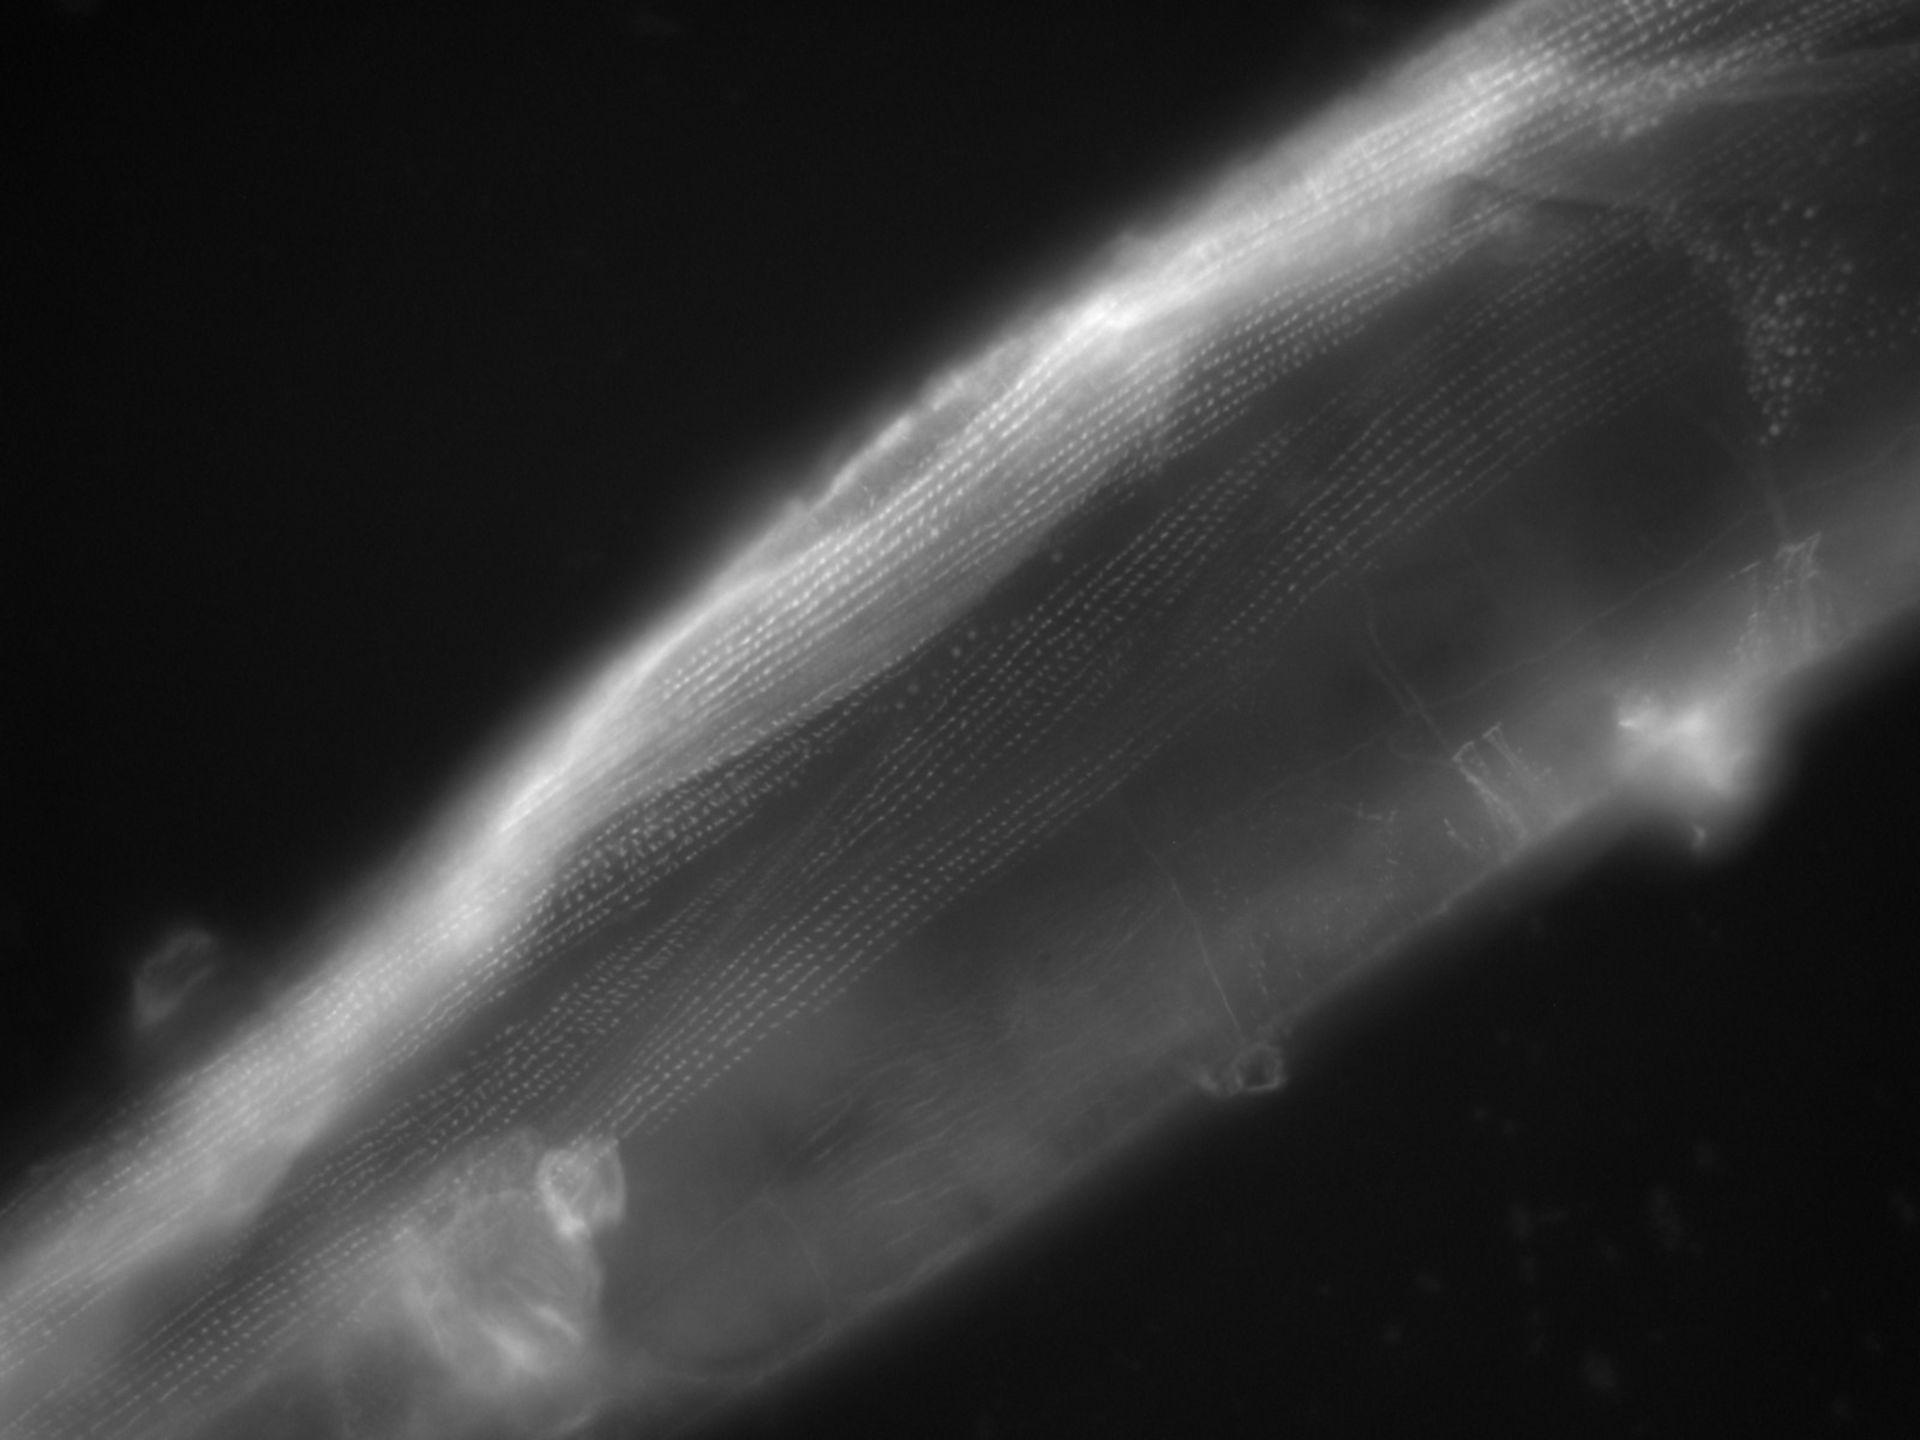 Caenorhabditis elegans (Actin filament) - CIL:1120